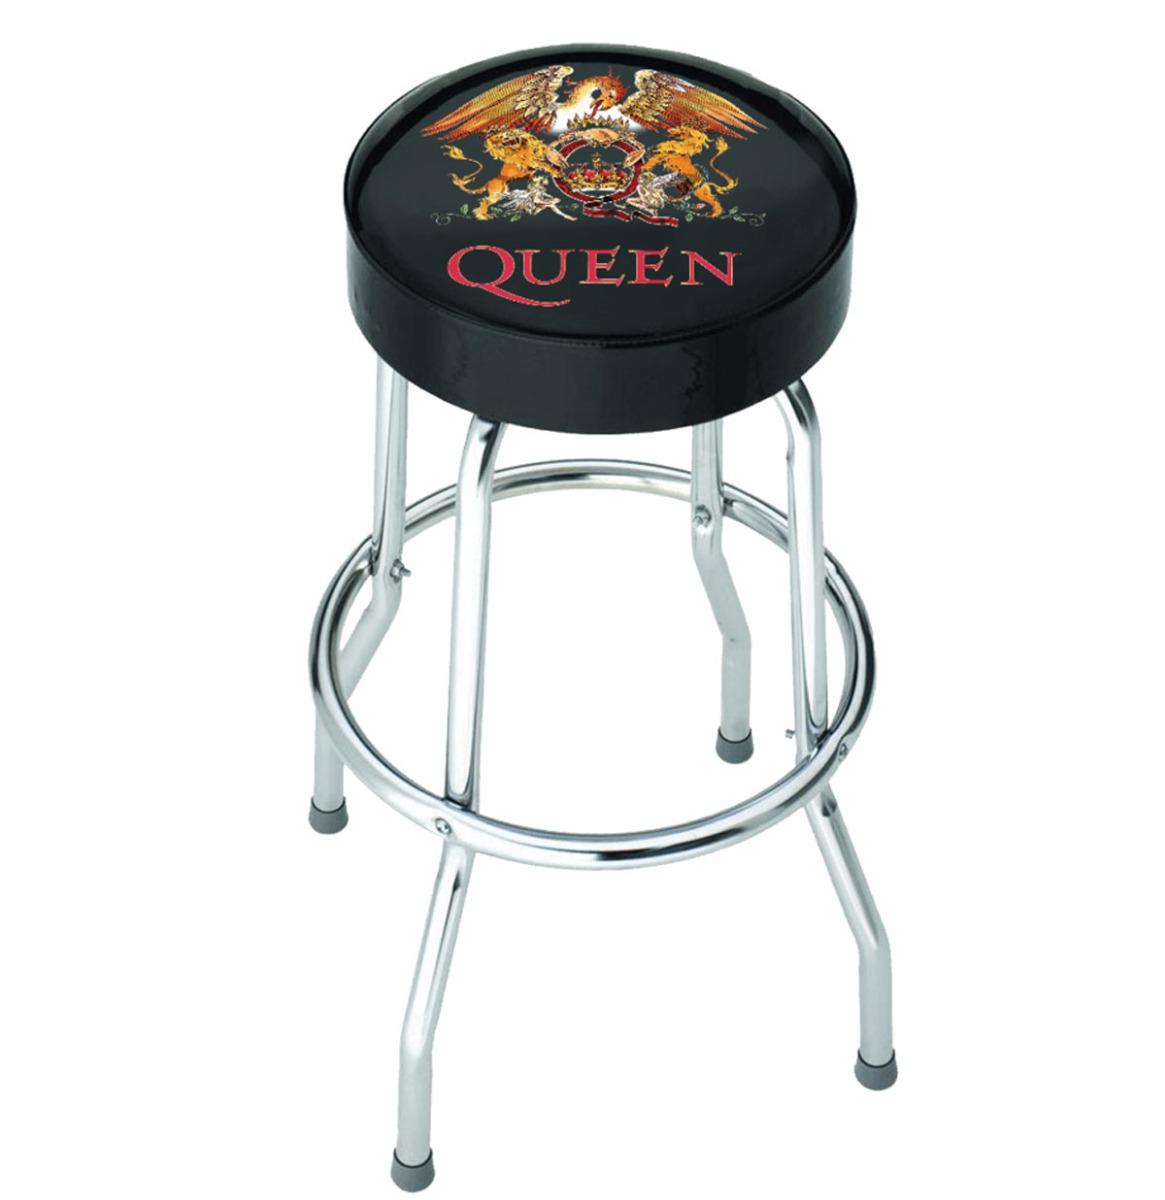 Queen - Crest Barkruk